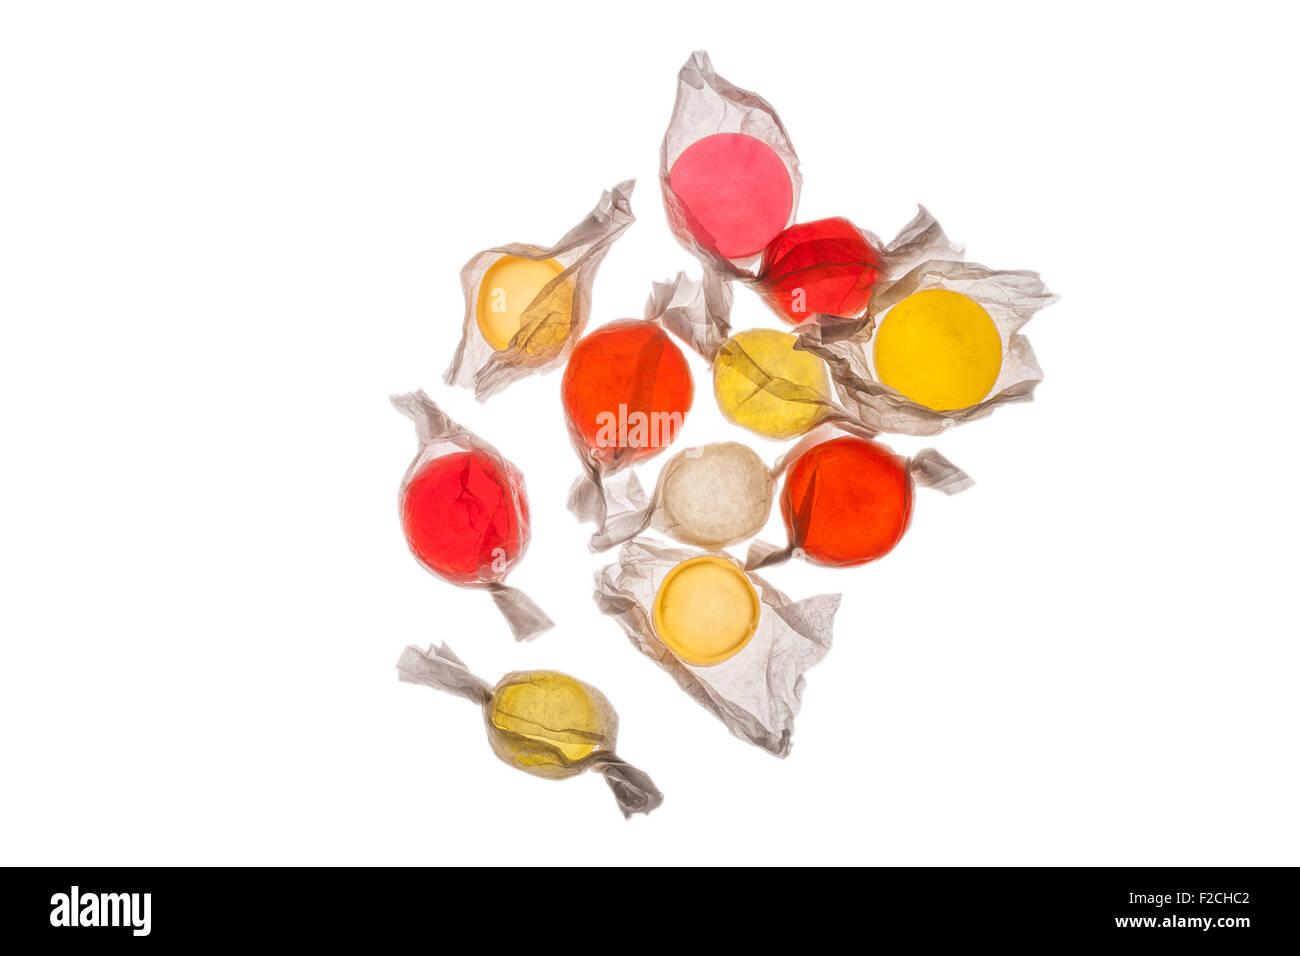 Vista aérea de naranja, amarillo, rojo, rosado en envoltorios de caramelos en la mesa de luz Imagen De Stock